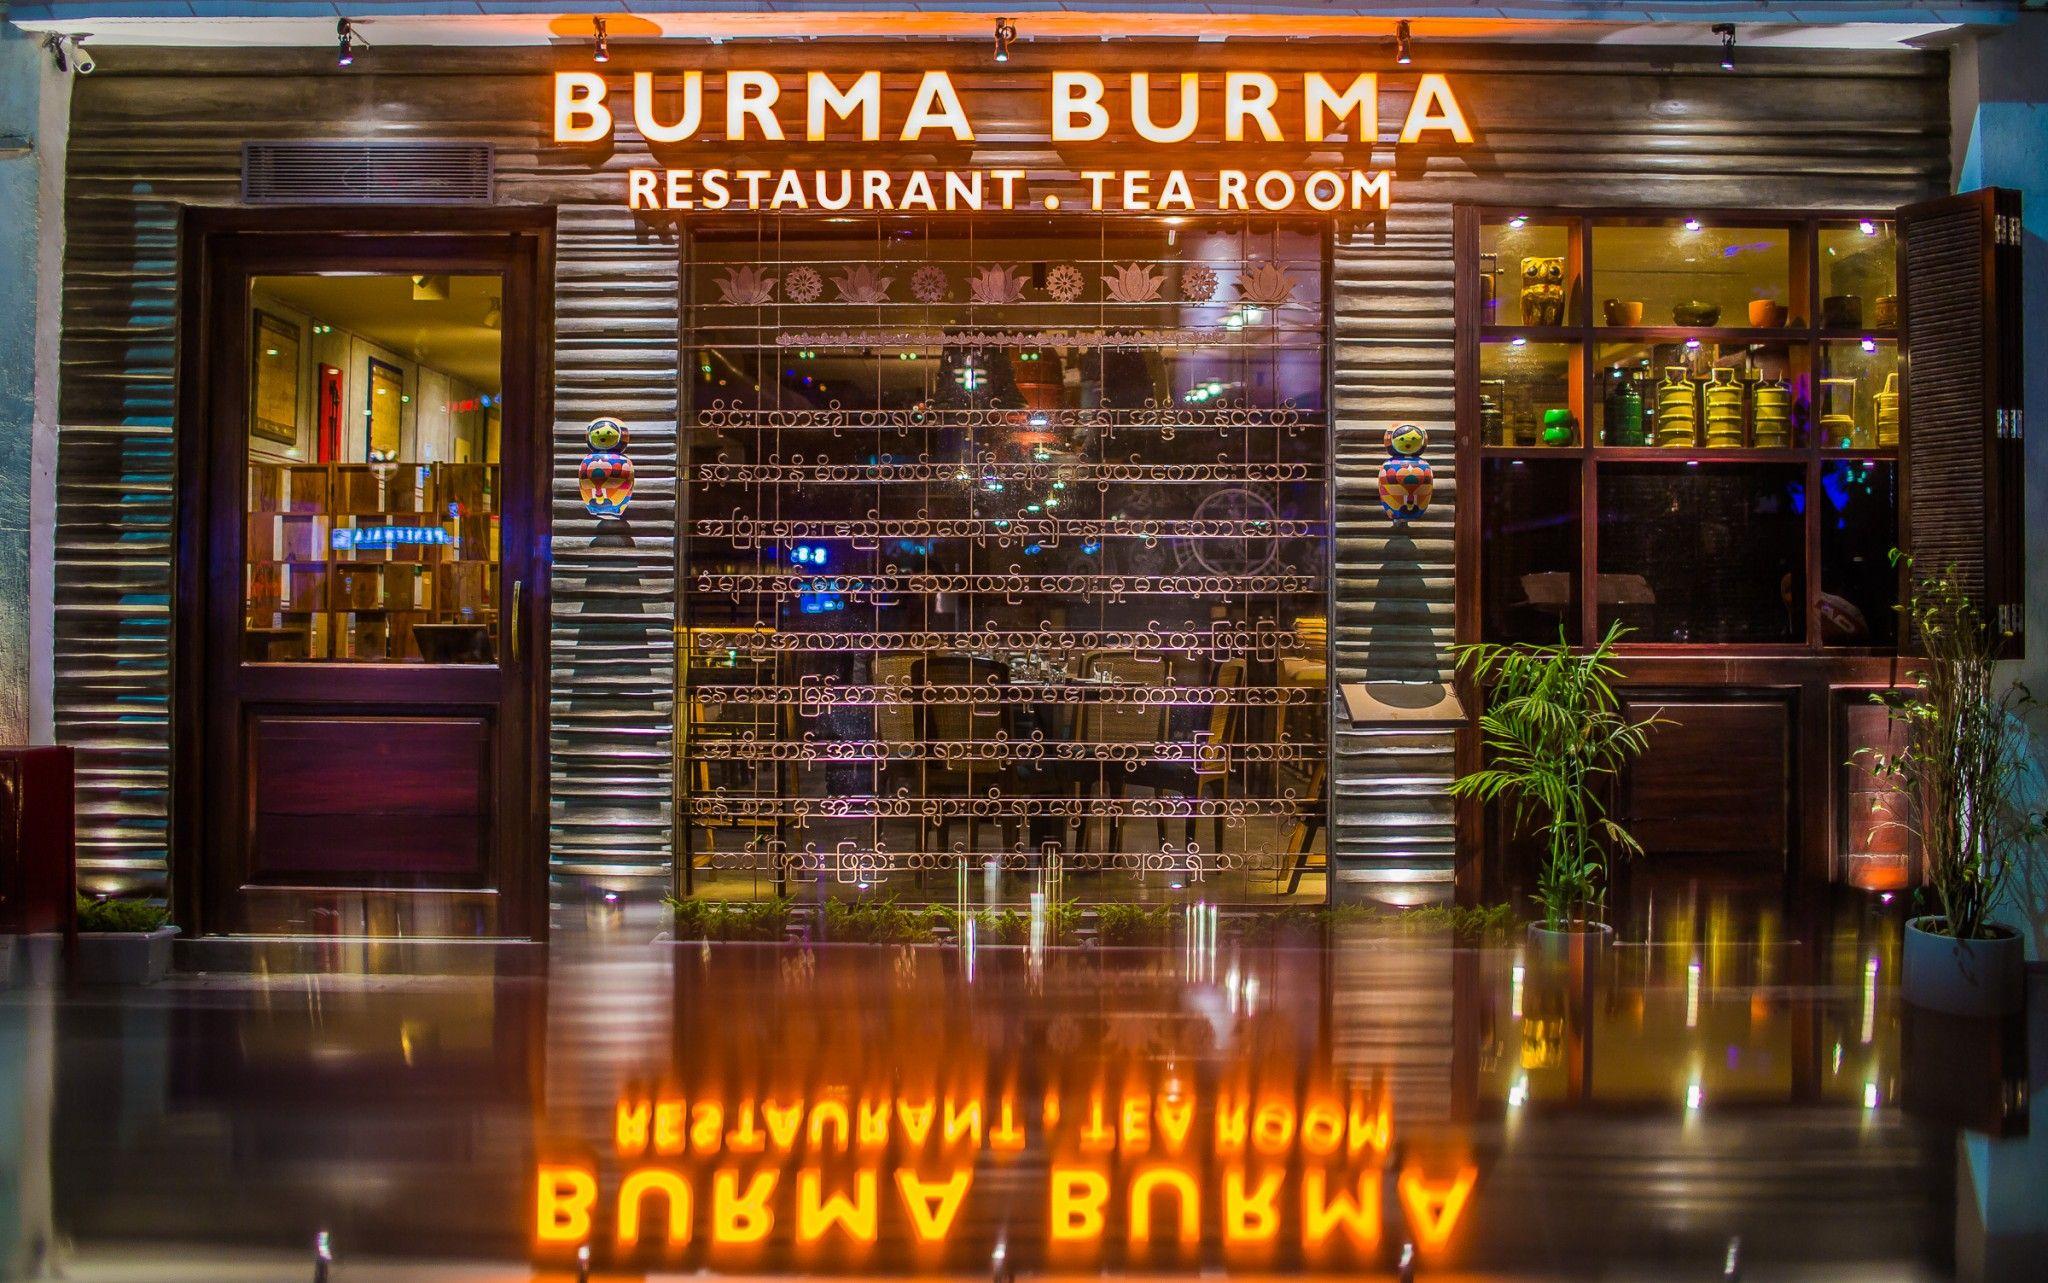 BURMA BURMA IN CYBERHUB, GURGAON !! #burmaburma #cyberhub #foodandnetwork